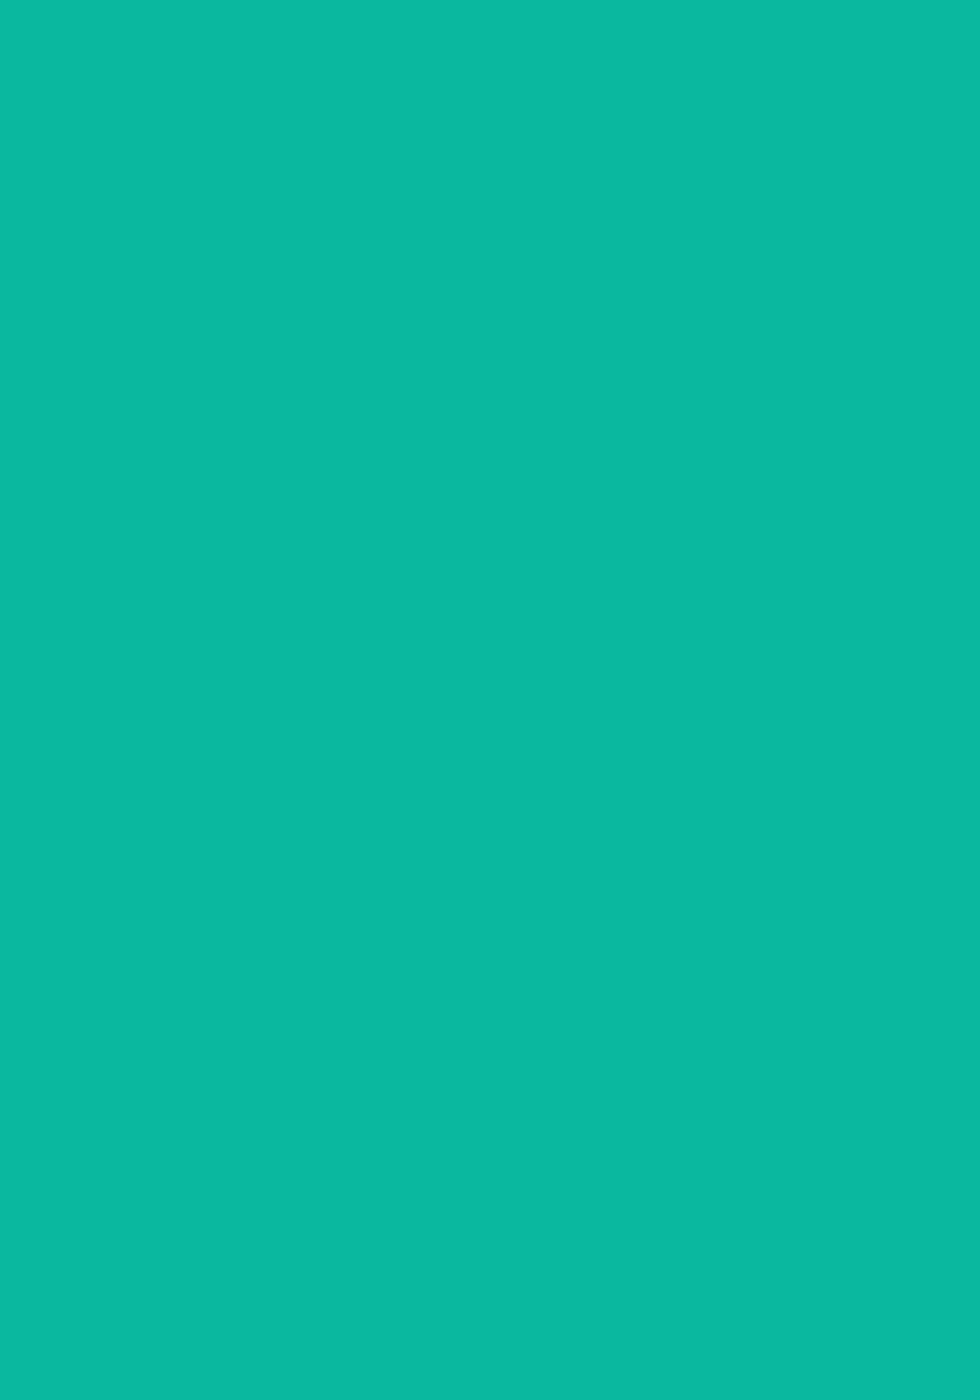 Tiffany petrol smaragd türkis mint